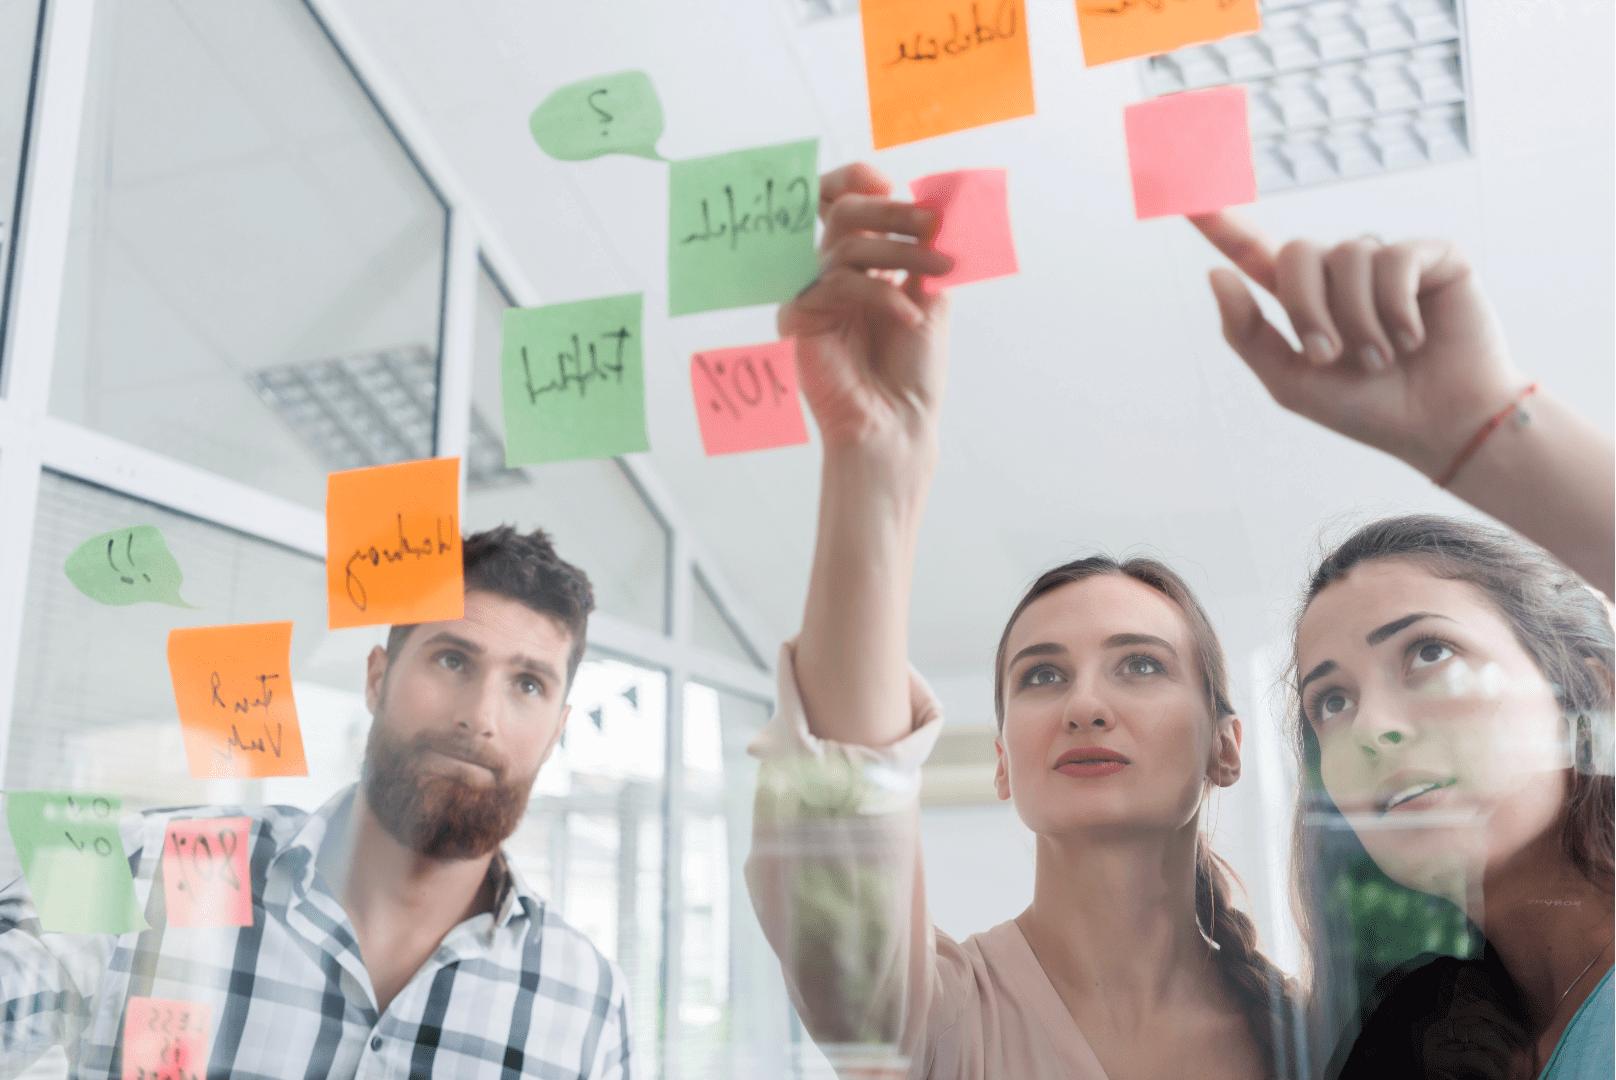 digital marketing apprenticeship